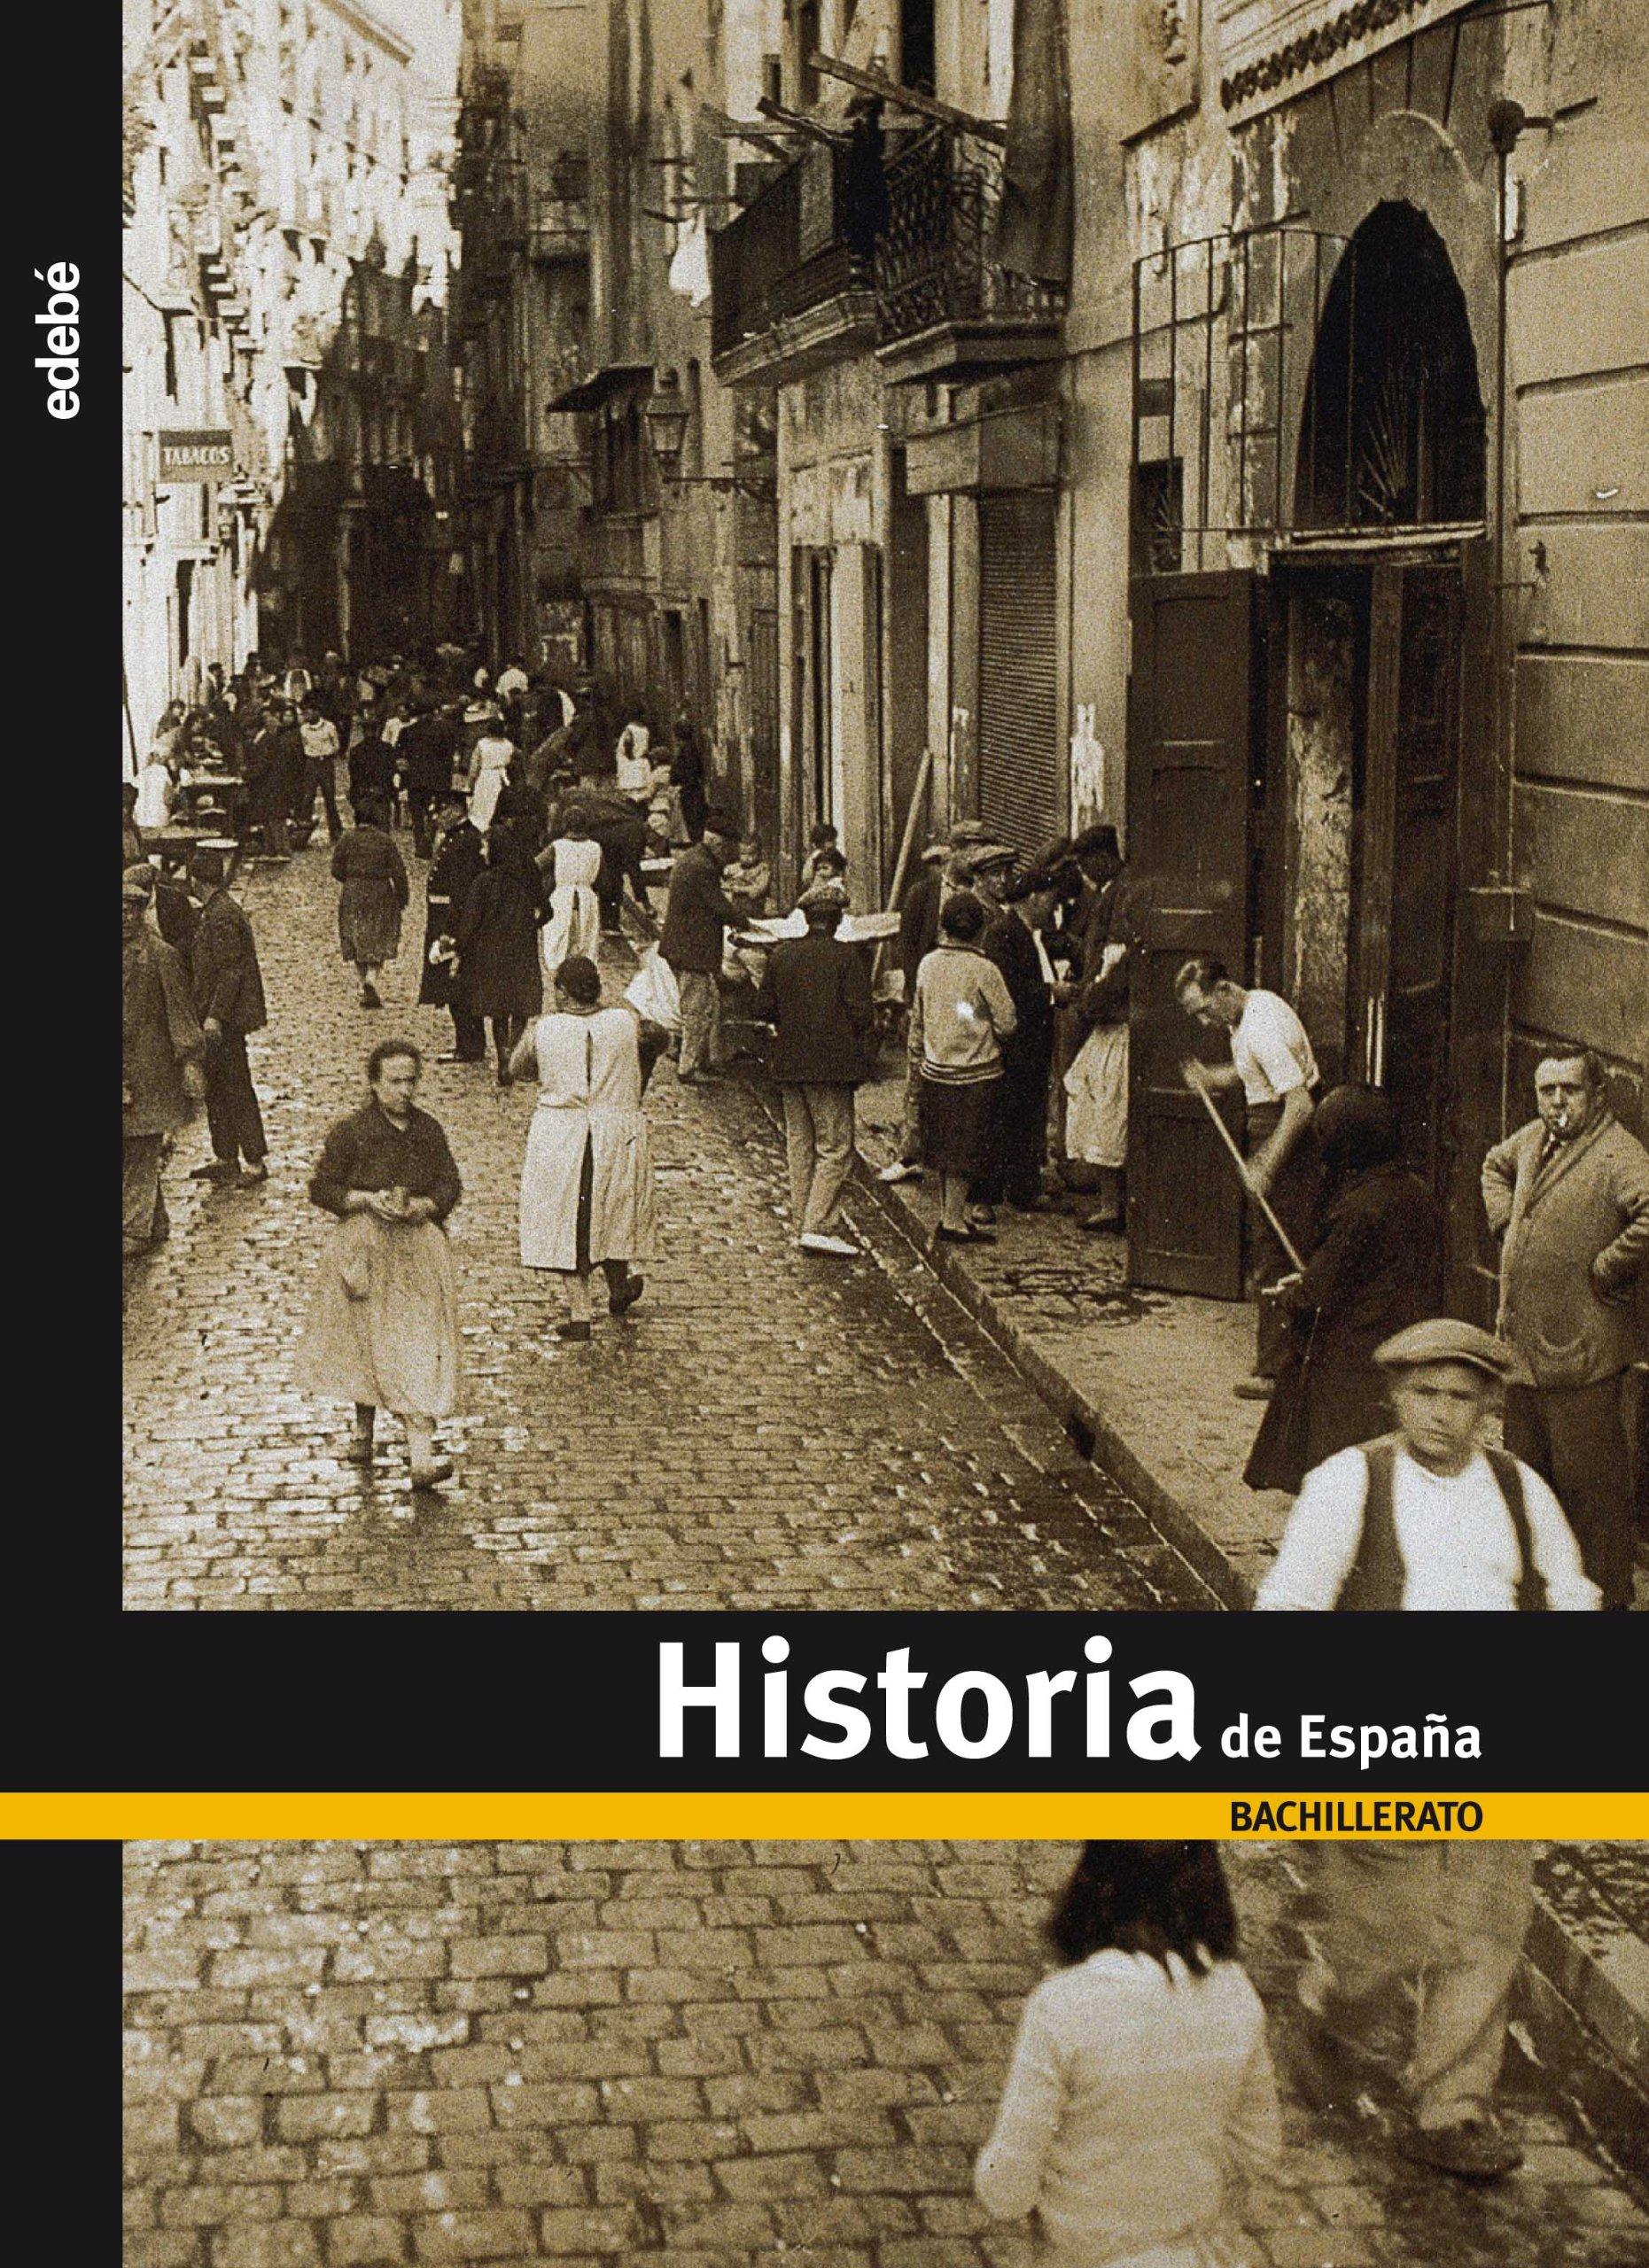 Historia de España, Bachillerato - 9788423693795: Amazon.es: Edebé ...